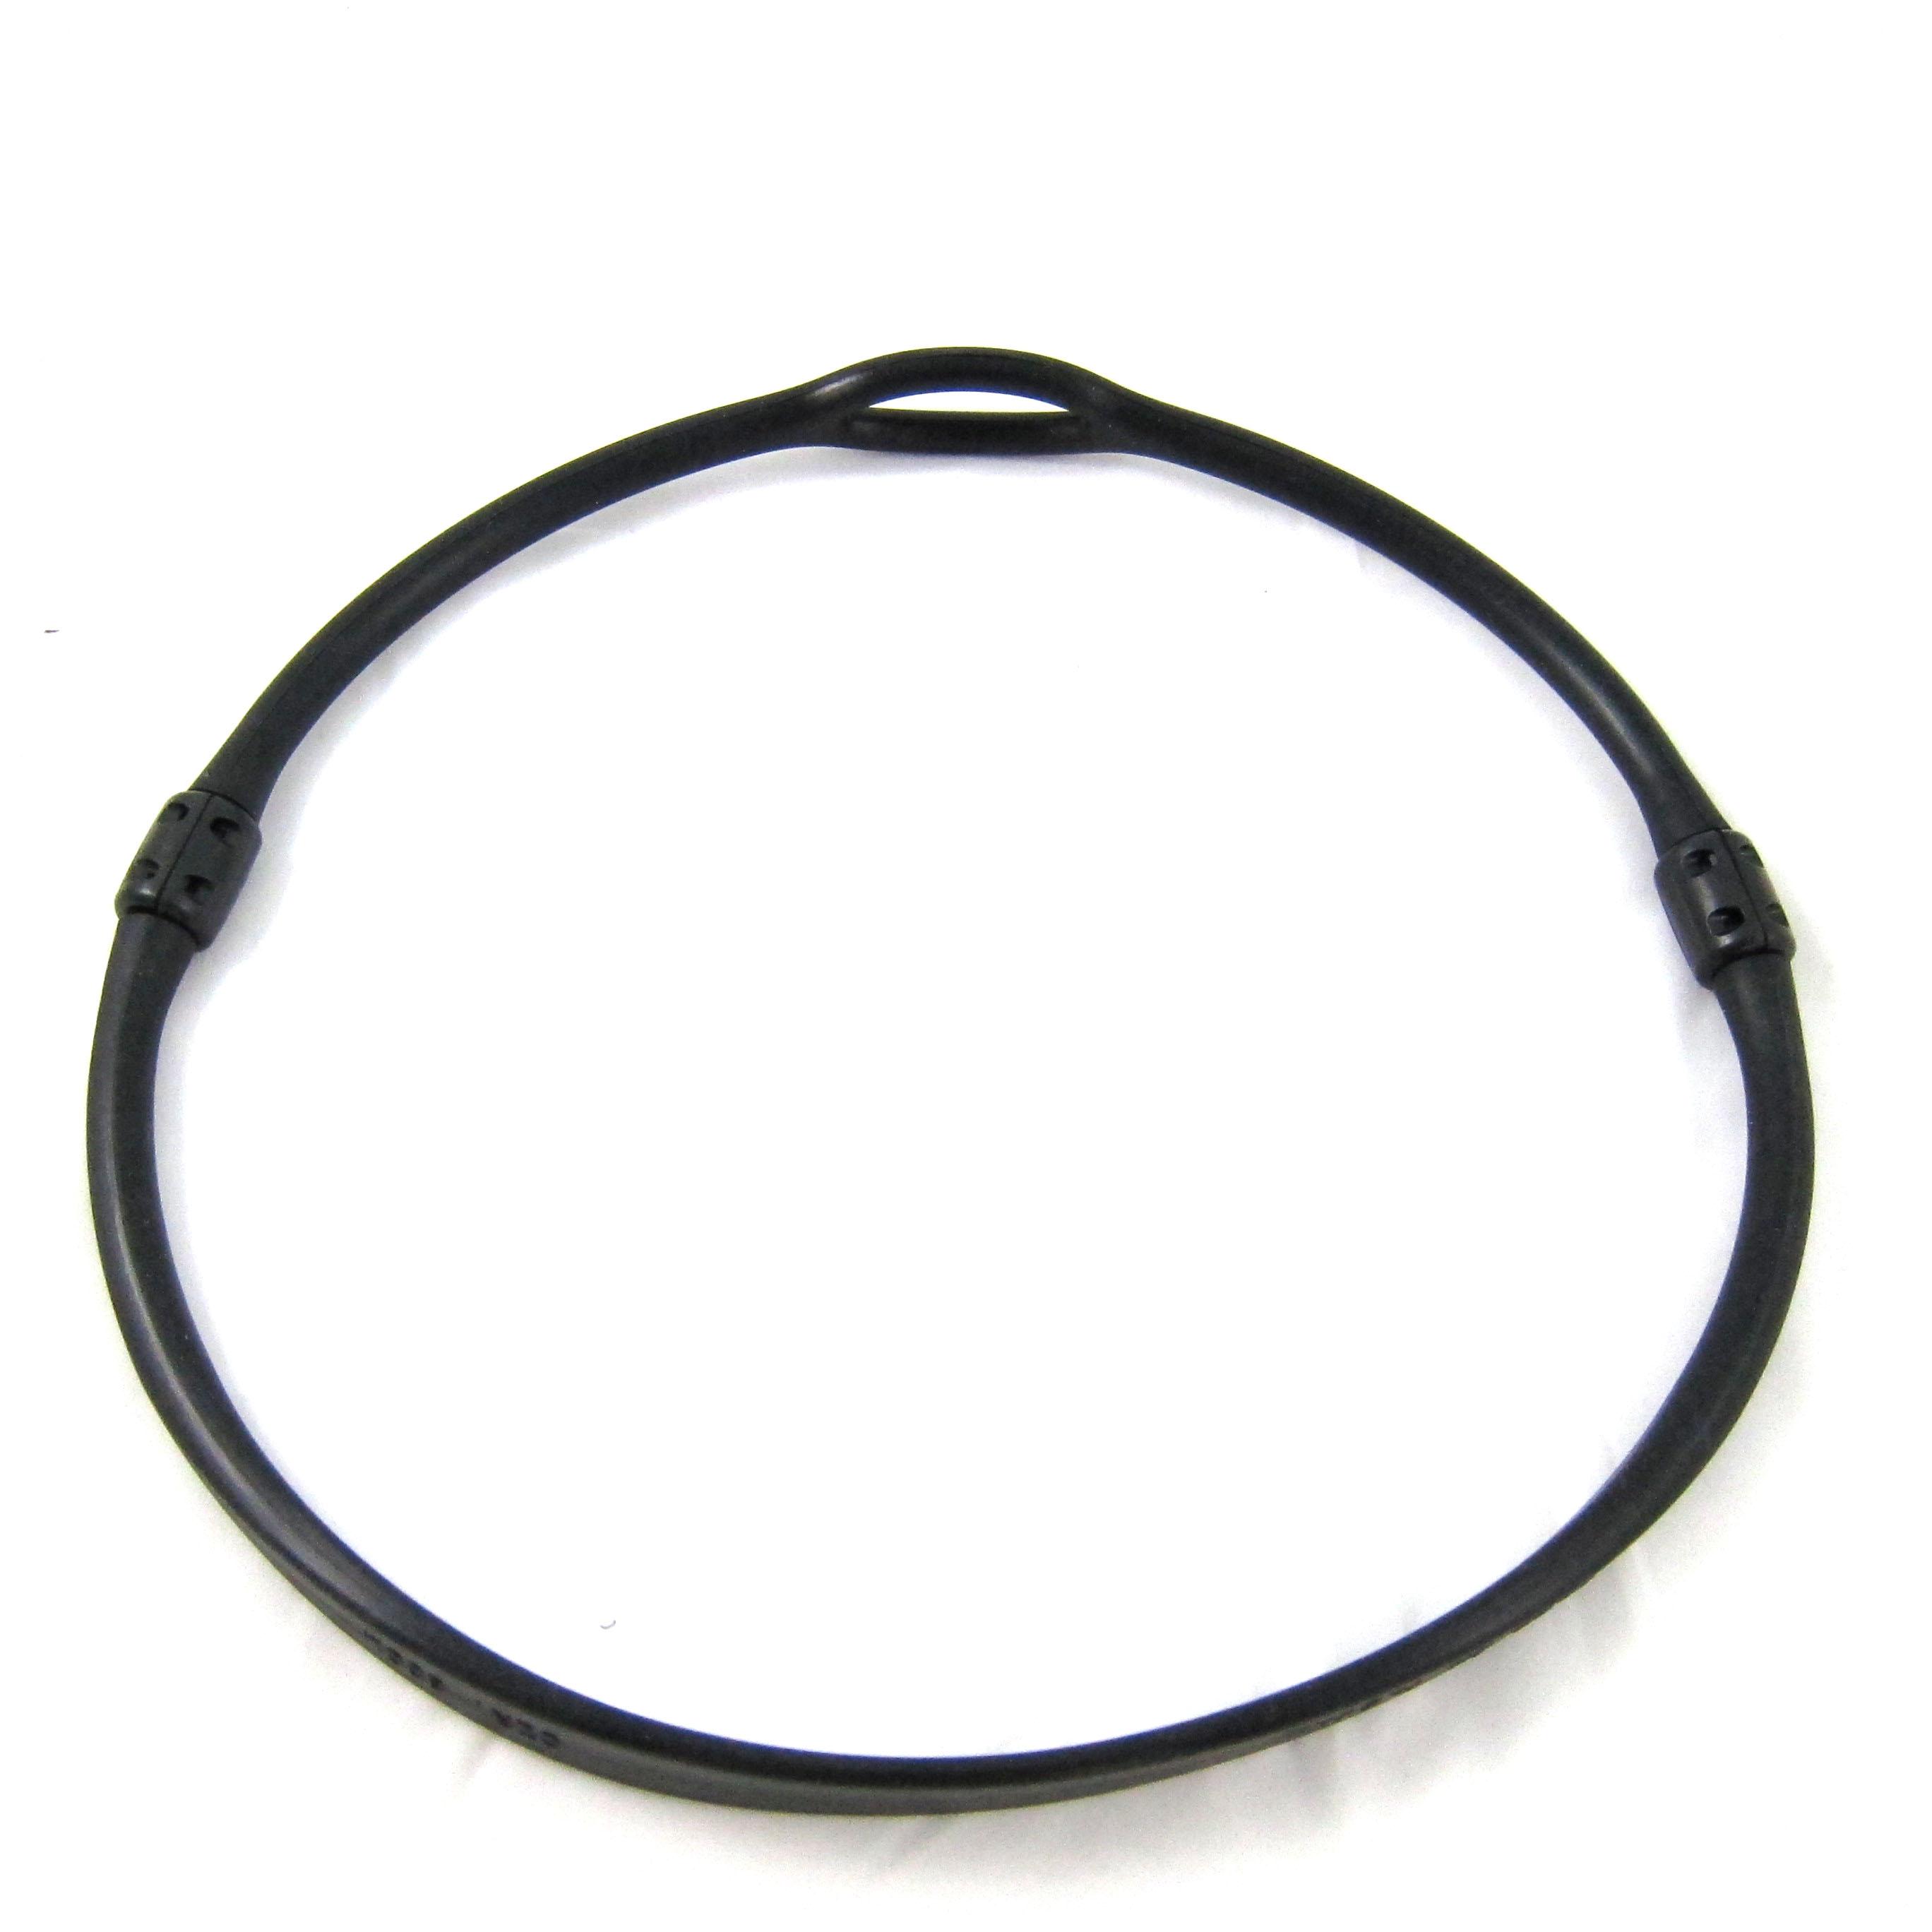 Прекрасный Государственный HOG умение Скрытое оборудование два фиксированный использование изделия силиконовые круг шейка круг (72cm or 62cm)